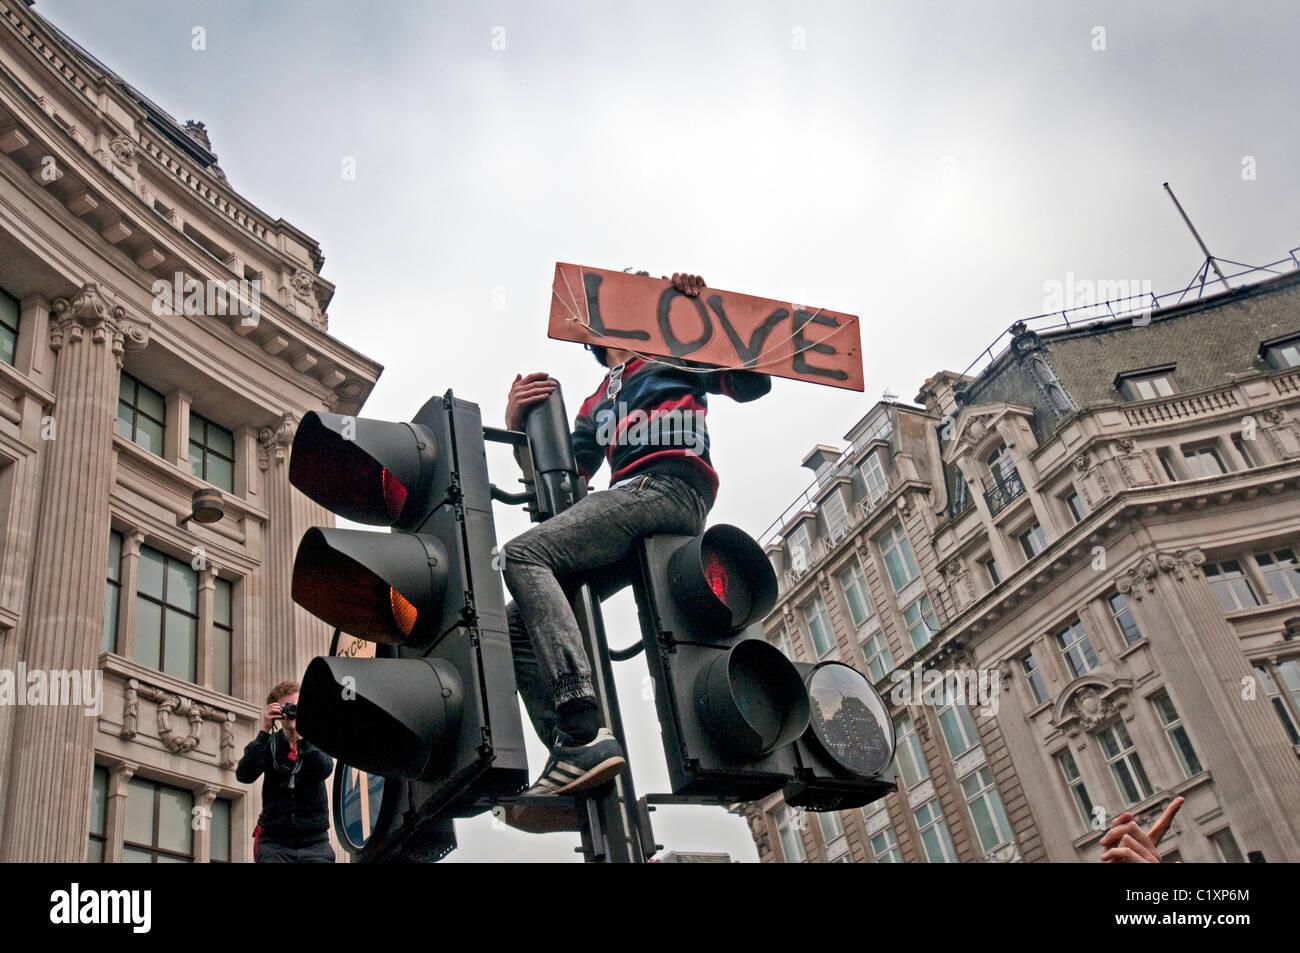 Anti-tagli marzo per l alternativa organizzata da TUC sindacati Londra 2011 Immagini Stock